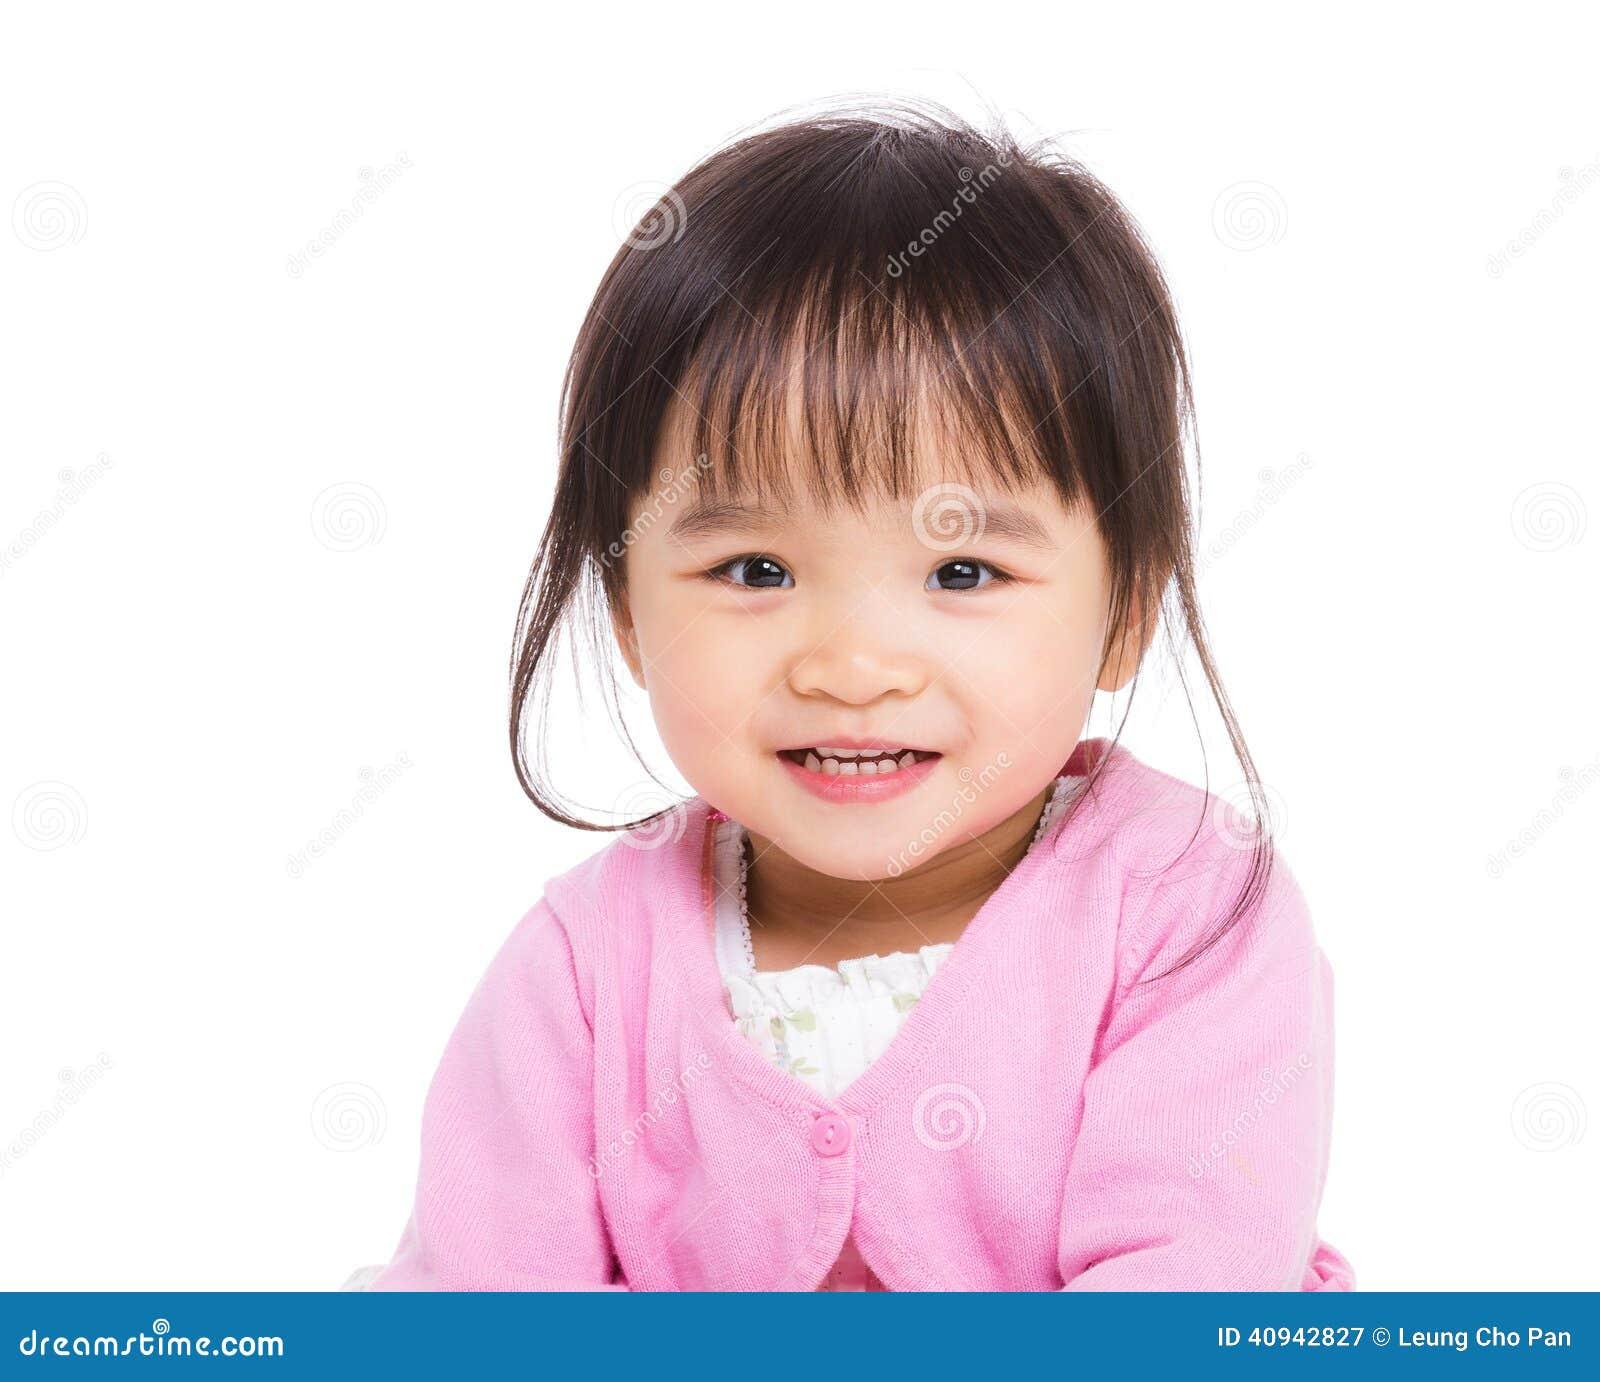 Ανατολικό ασιατικό κοριτσάκι